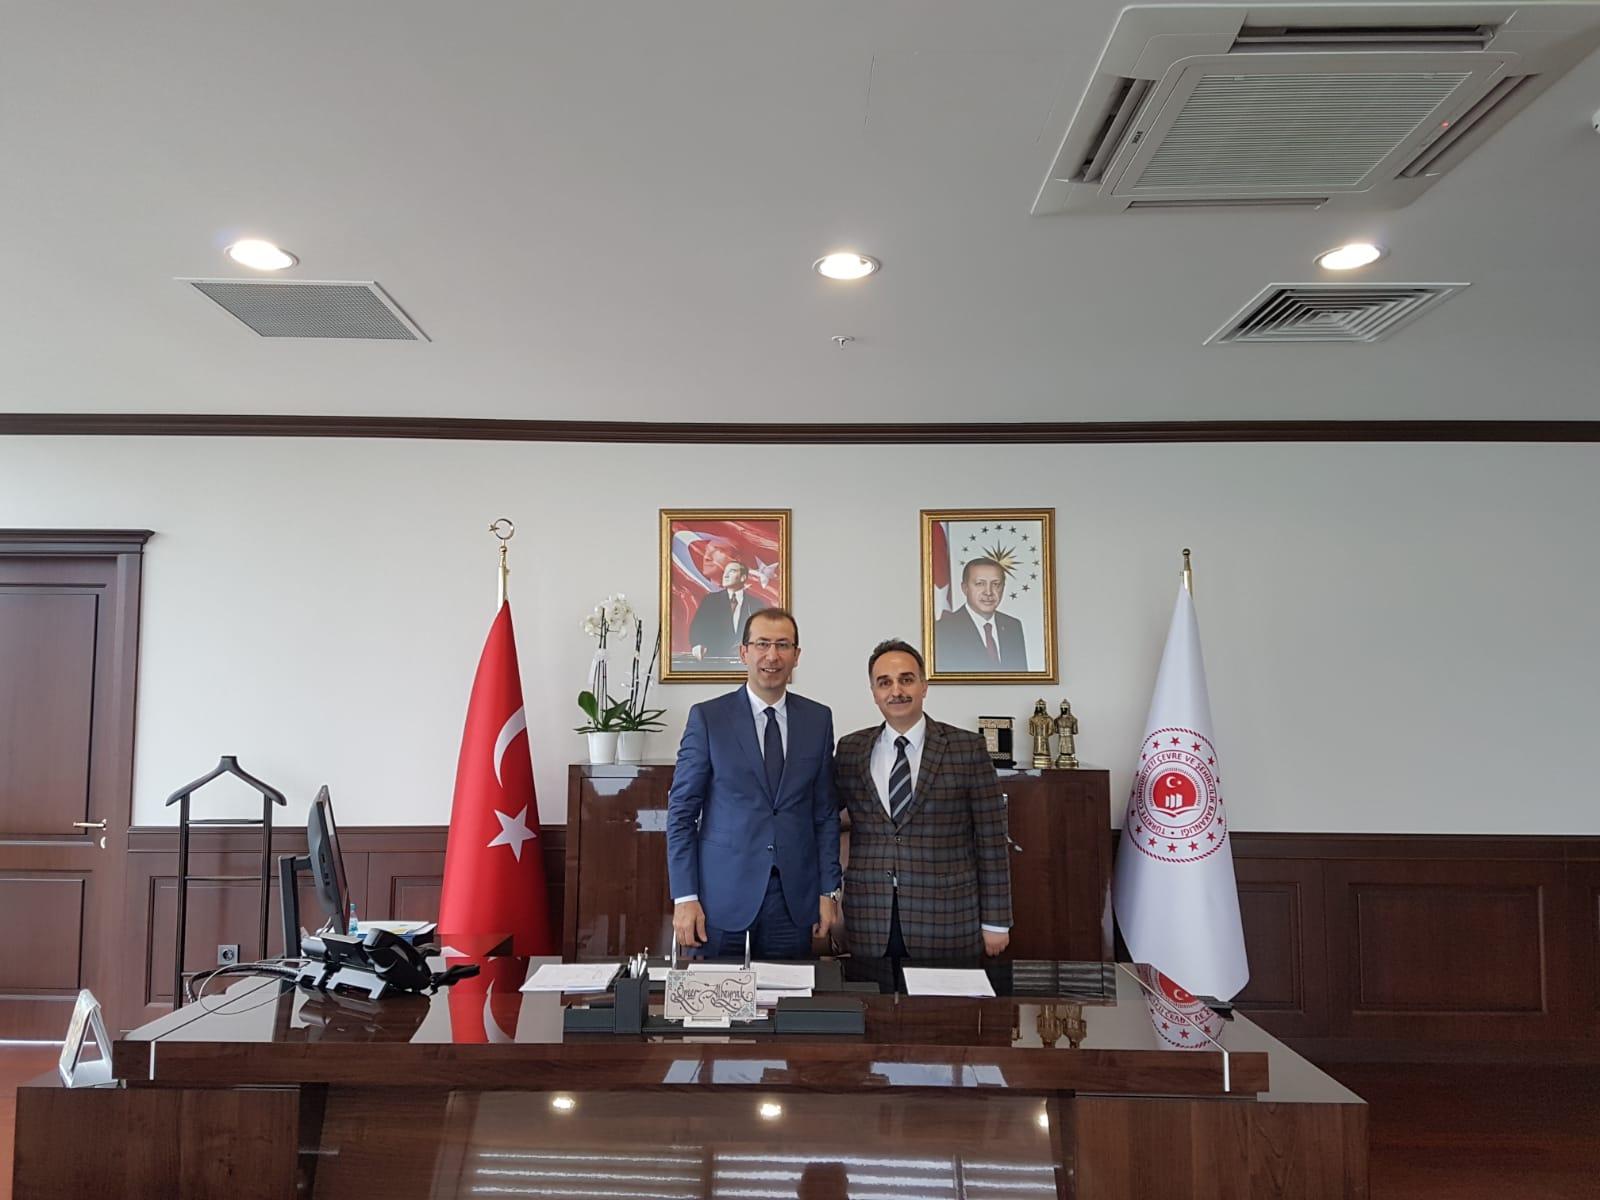 İzmir Çevre ve Şehircilik İl Müdürü Ömer ALBAYRAK'ı Ziyaret